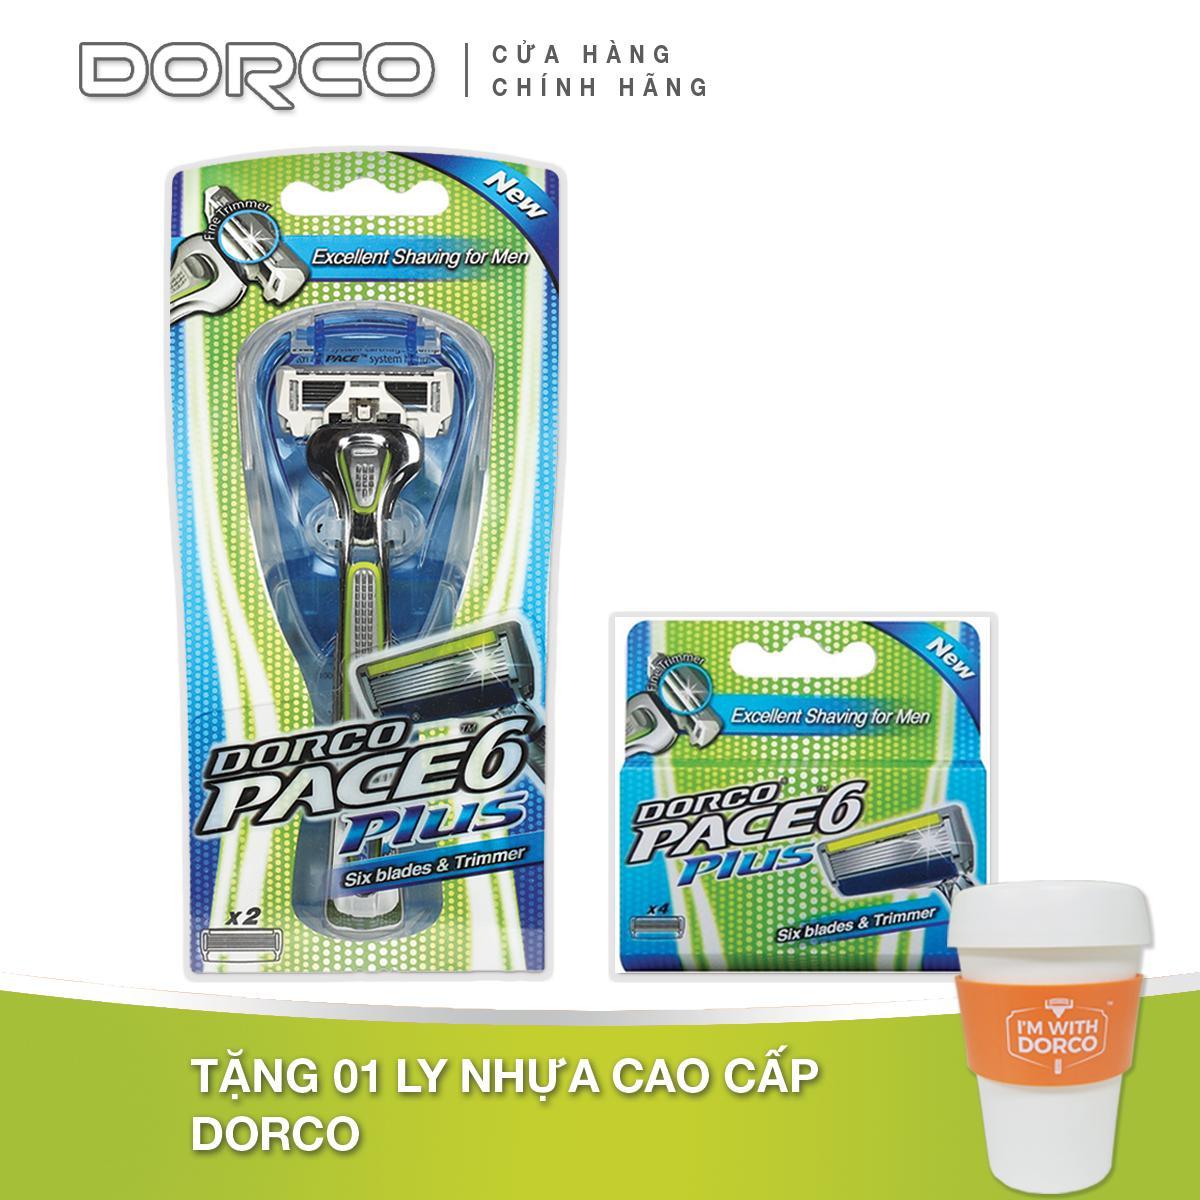 Bộ Dao cạo và Vỉ 04 đầu cạo râu 6 lưỡi DORCO PACE 6 Plus + Tặng Ly nhựa DORCO cao cấp màu ngẫu nhiên giá rẻ